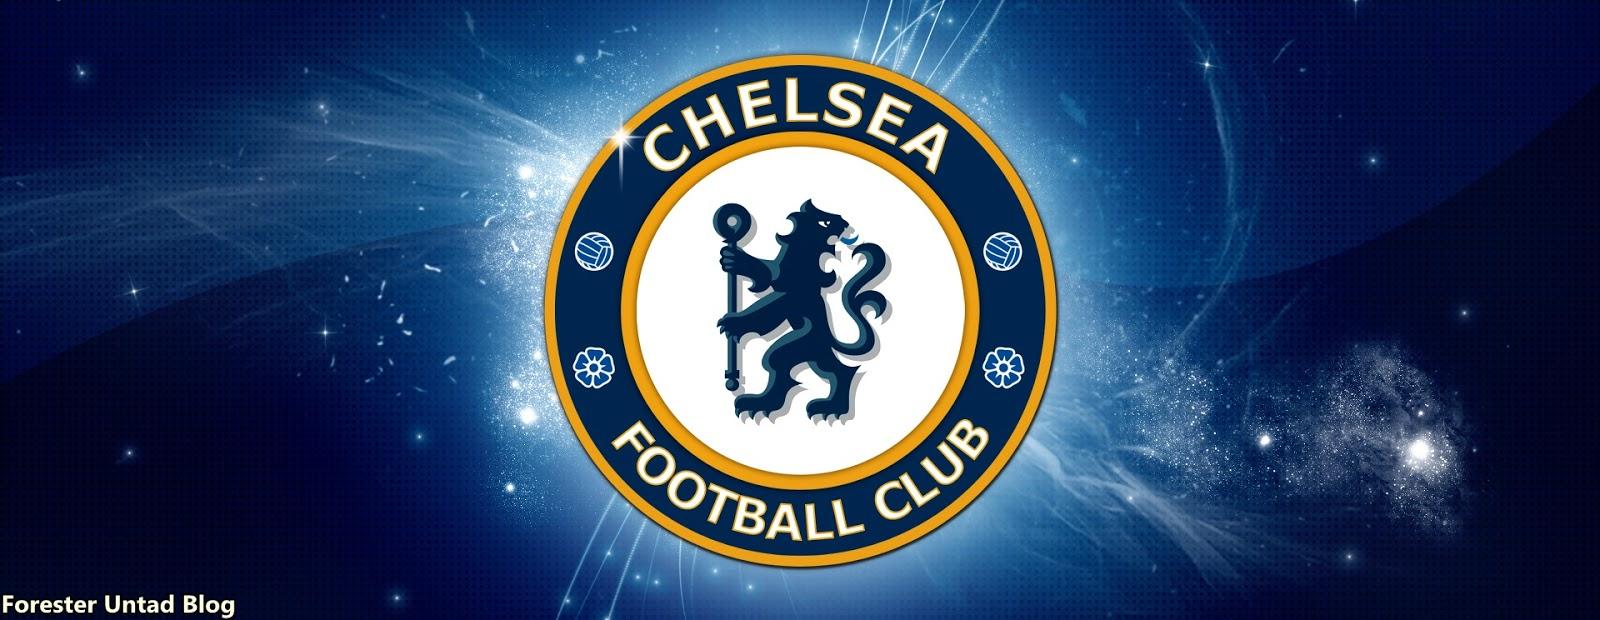 Foto Sampul Fb Keren Chelsea